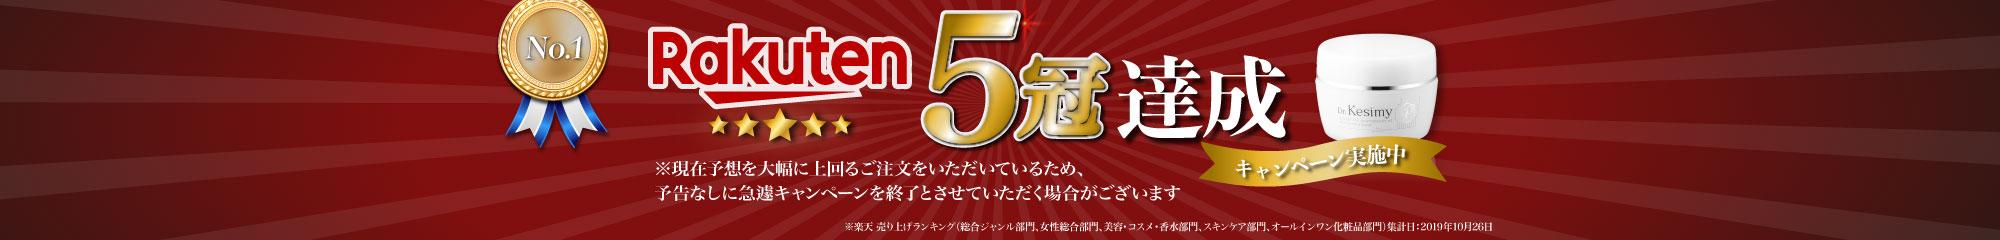 楽天5冠達成キャンペーン実施中!